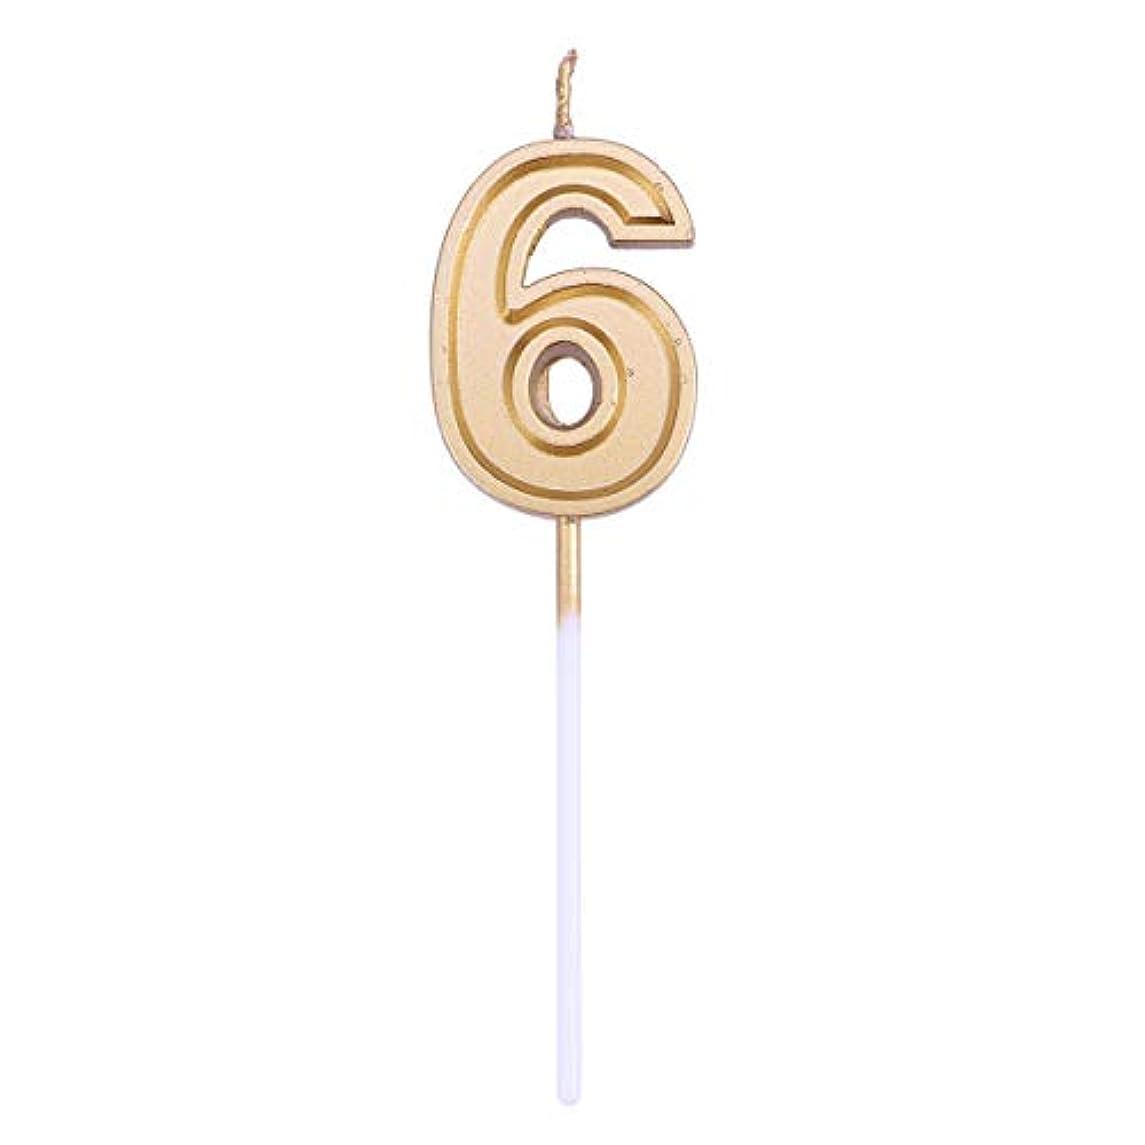 スカートメンバージムToyvian ゴールドラメ誕生日おめでとう数字キャンドル番号キャンドルケーキトッパー装飾用大人キッズパーティー(番号6)